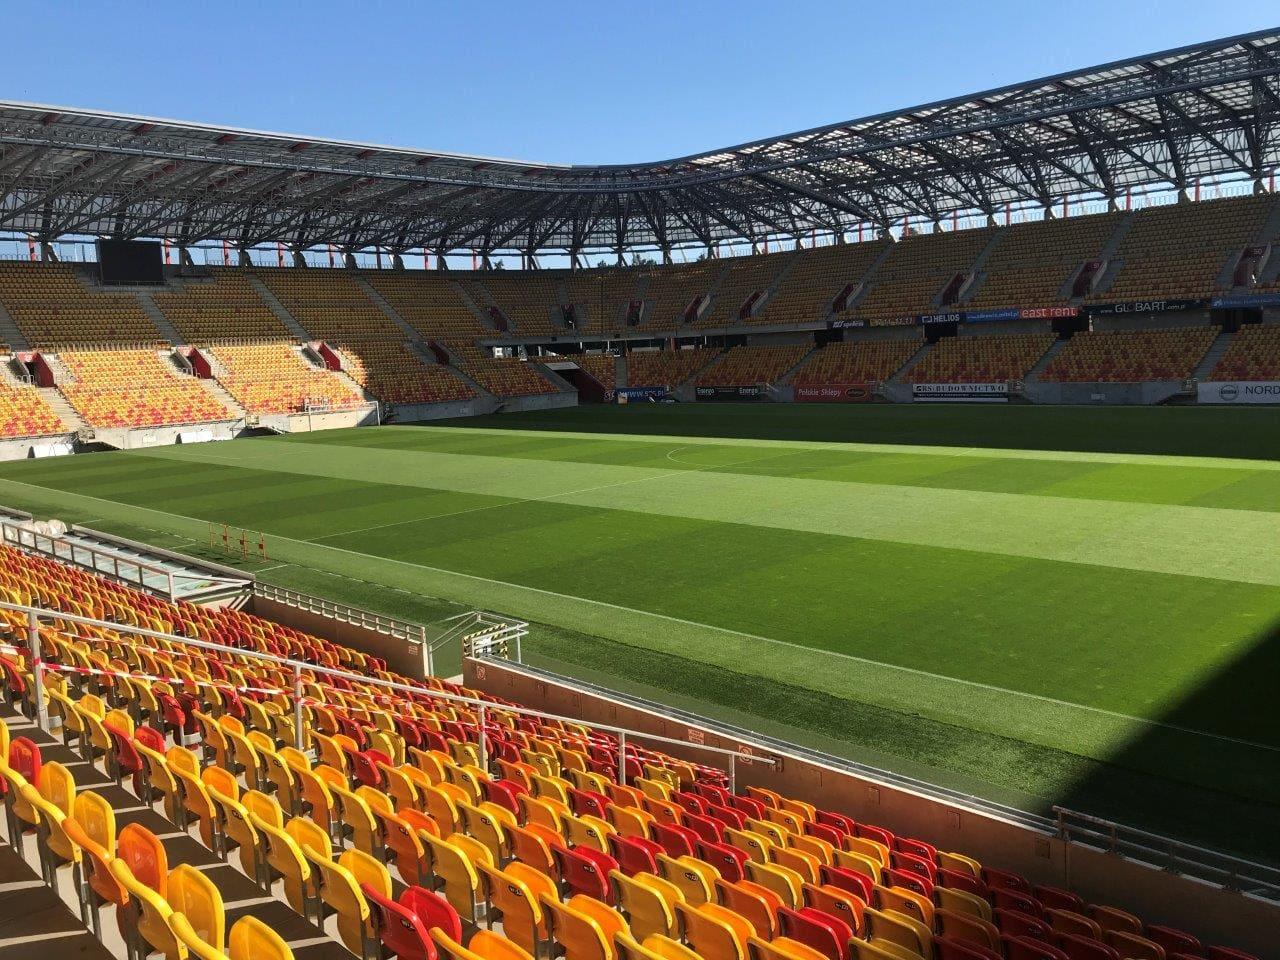 Stadion w Białymstoku z najlepszą murawą w Polsce!